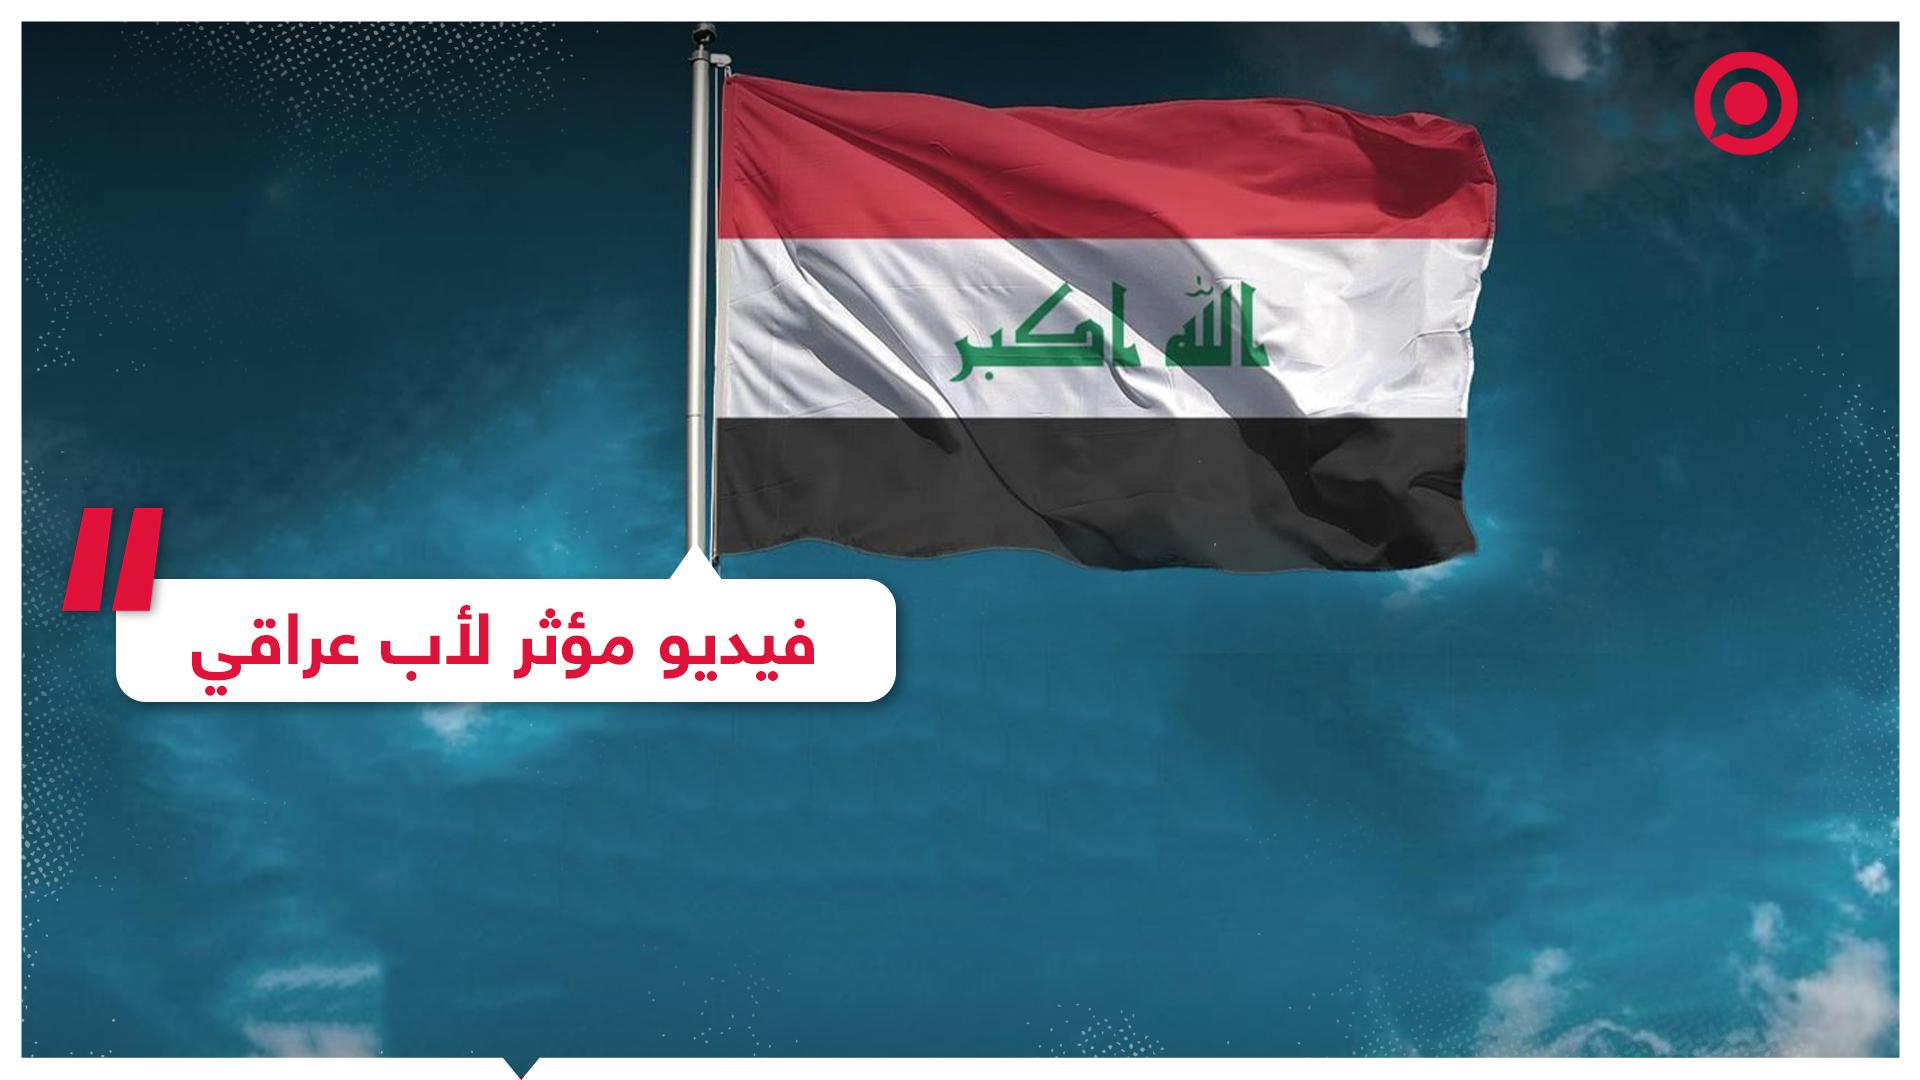 #تفجير #بغداد